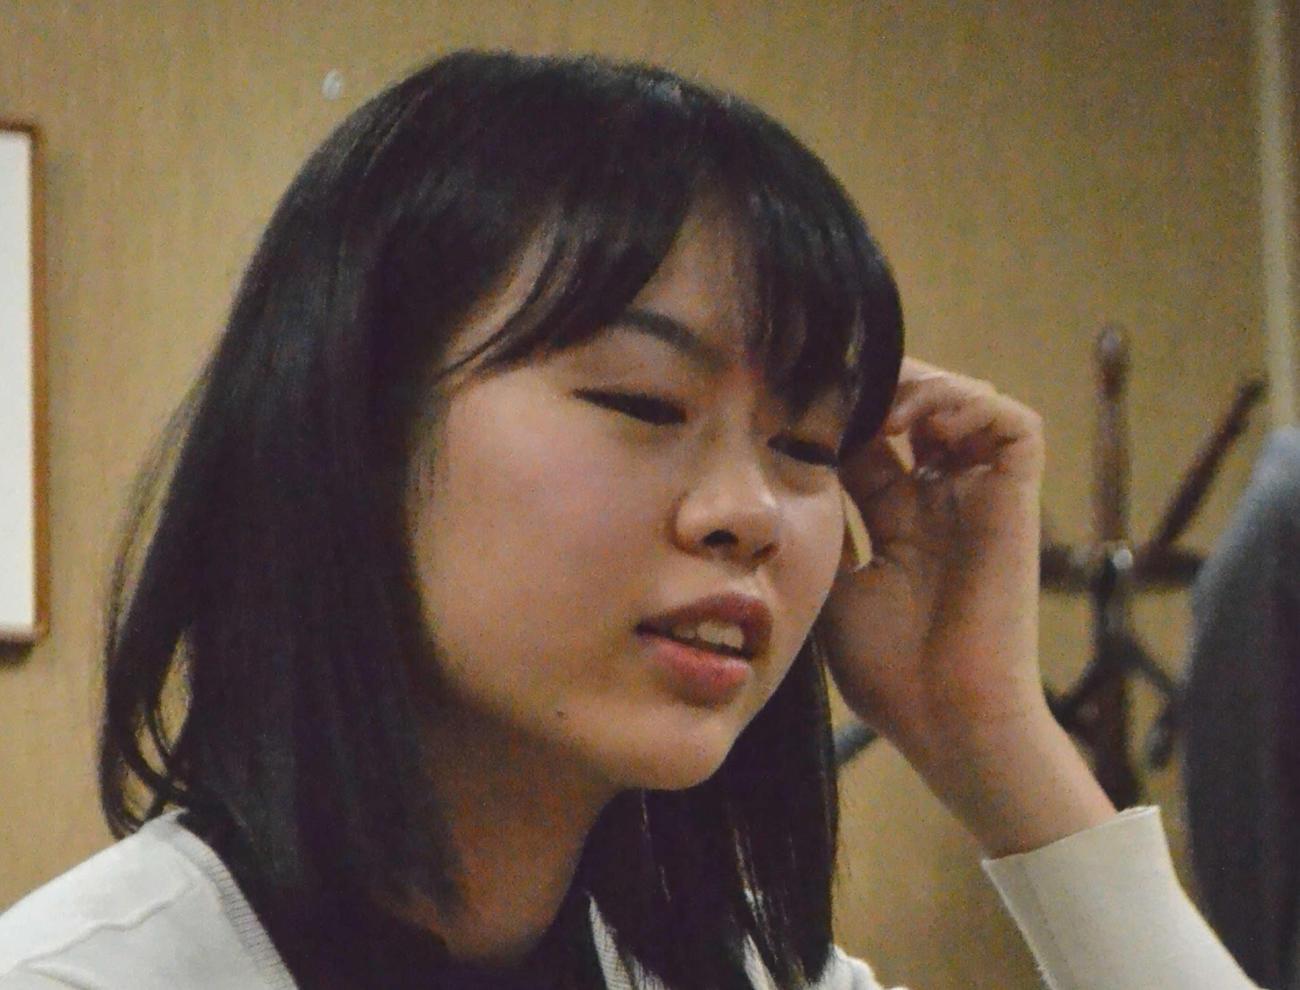 上野愛咲美四段(2019年11月15日撮影)